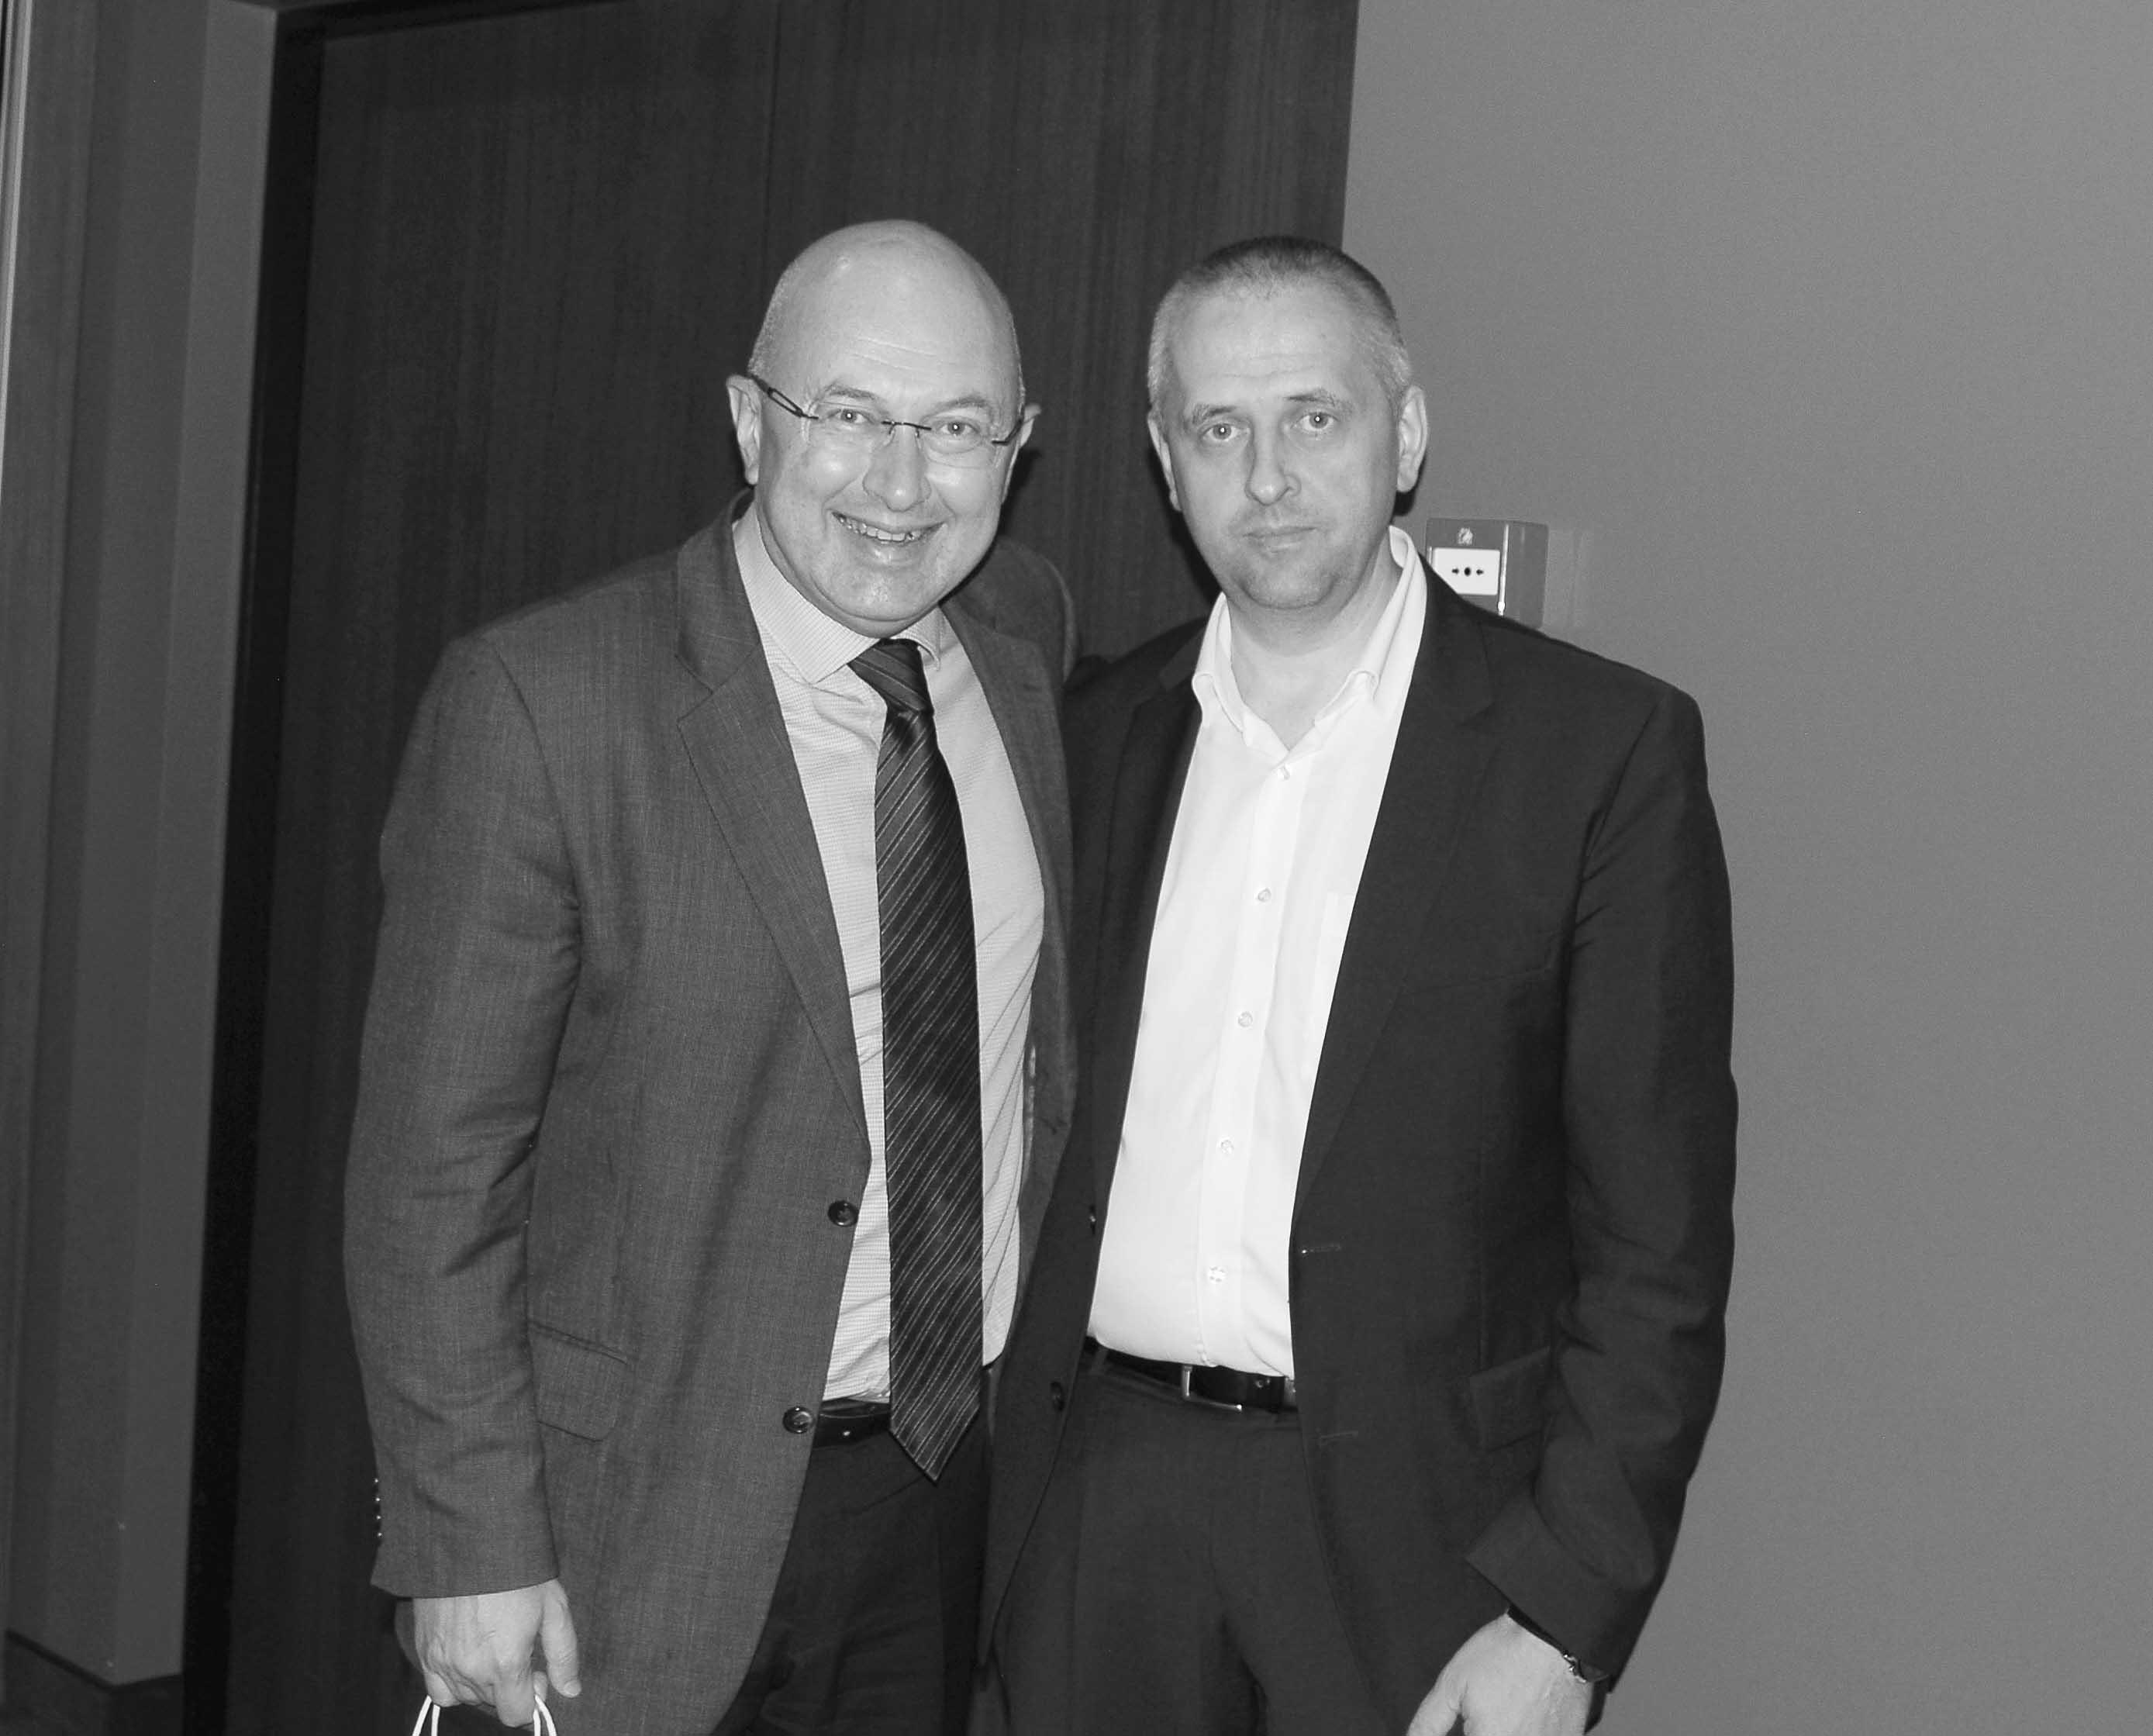 Kopā ar Unnas Evaņģēliskās slimnīcas Neiroloģijas nodaļas vadītāju un Esenes universitātes Medicīnas fakultātes profesoru Zaza Katsarava